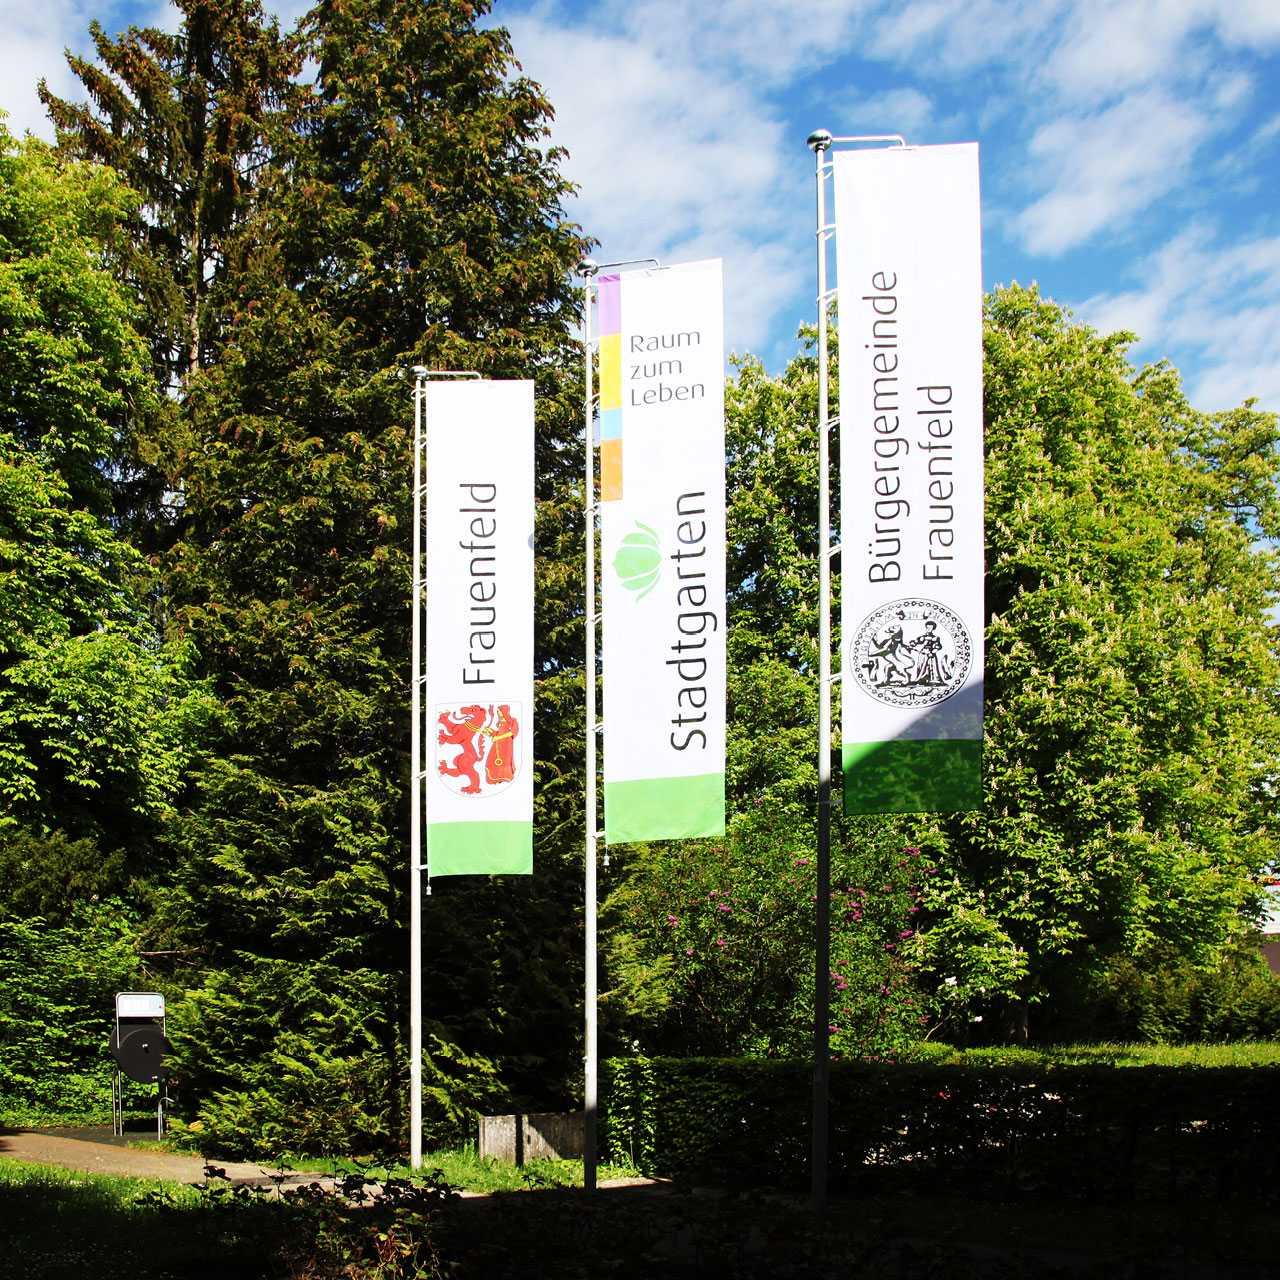 Pflegezentrum Stadtgarten: Corporate Design, Fahnen